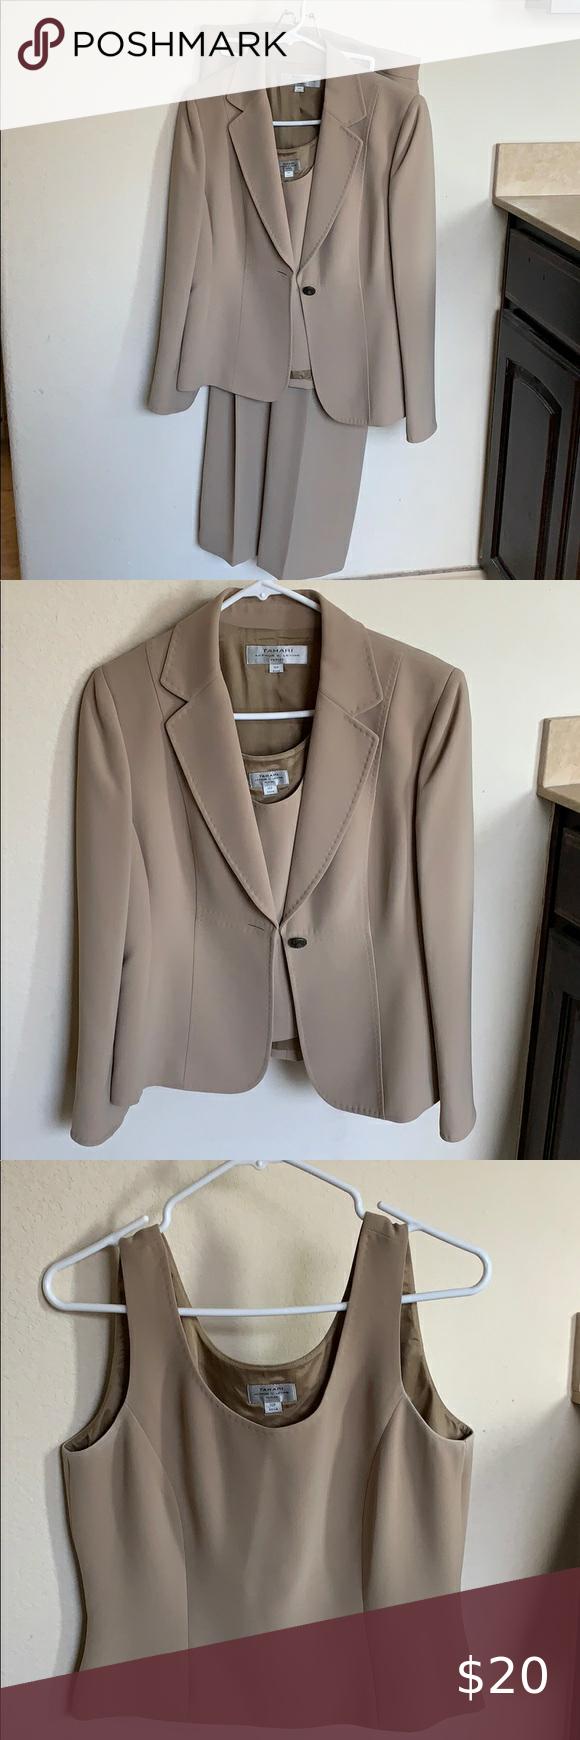 Tan Pant Suit